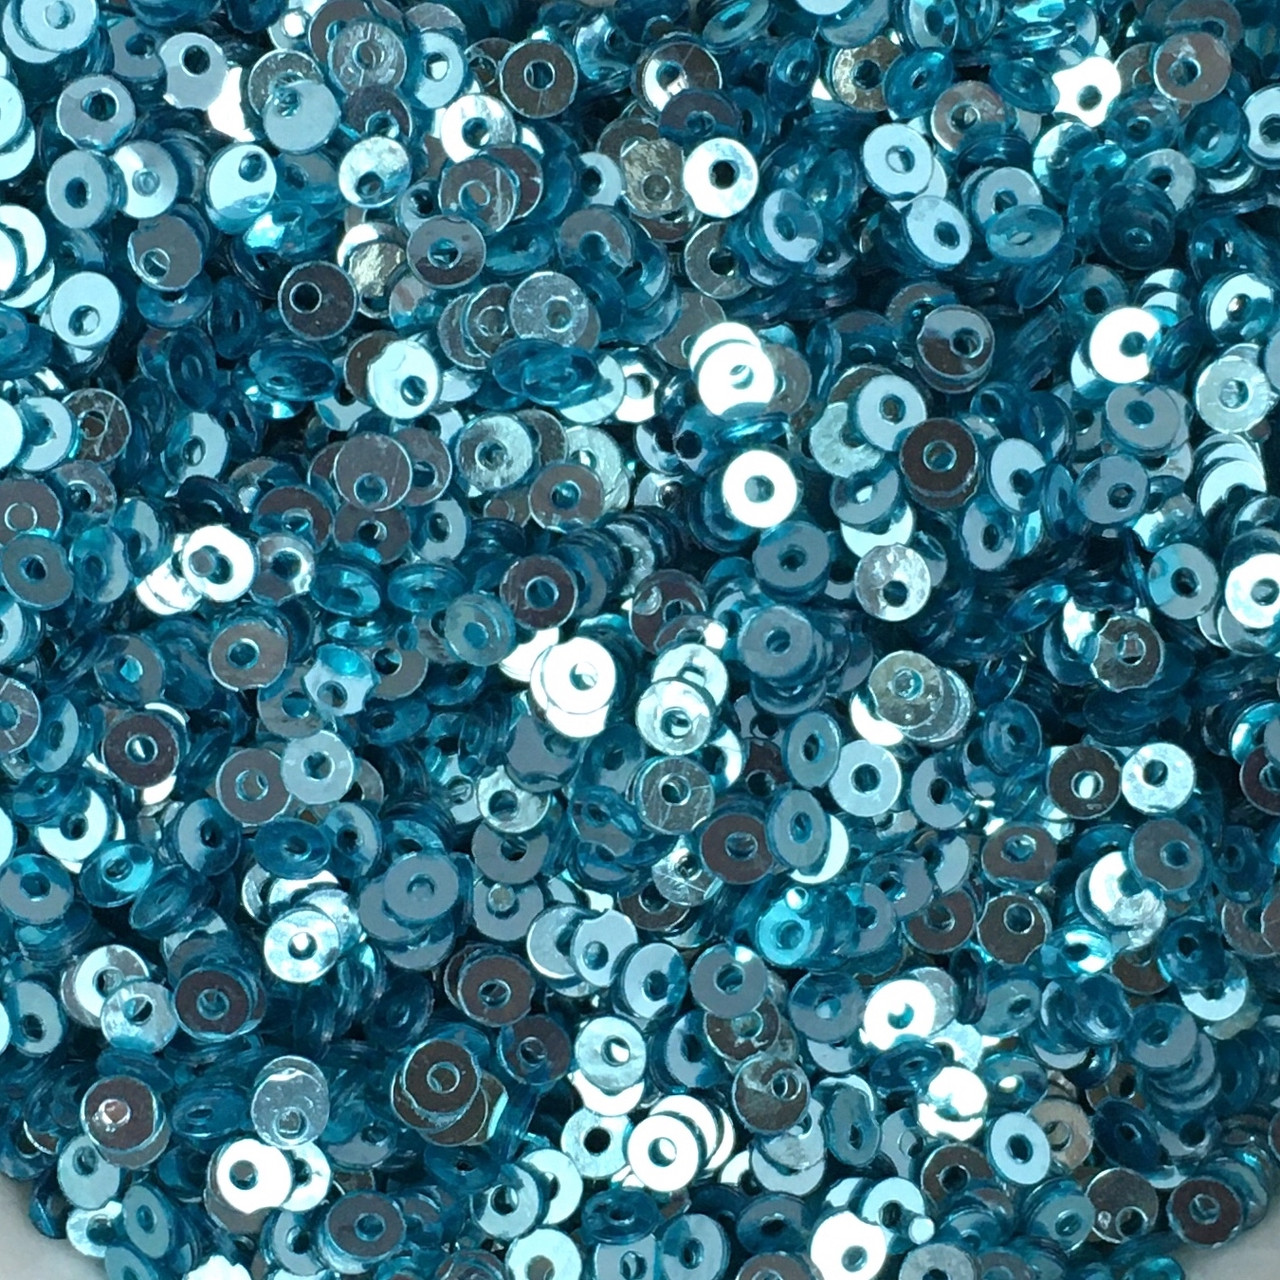 Пайетки 2 мм (Индия). Круглая плоская. Цвет: Голубой (металлик). Упаковка 5 гр.